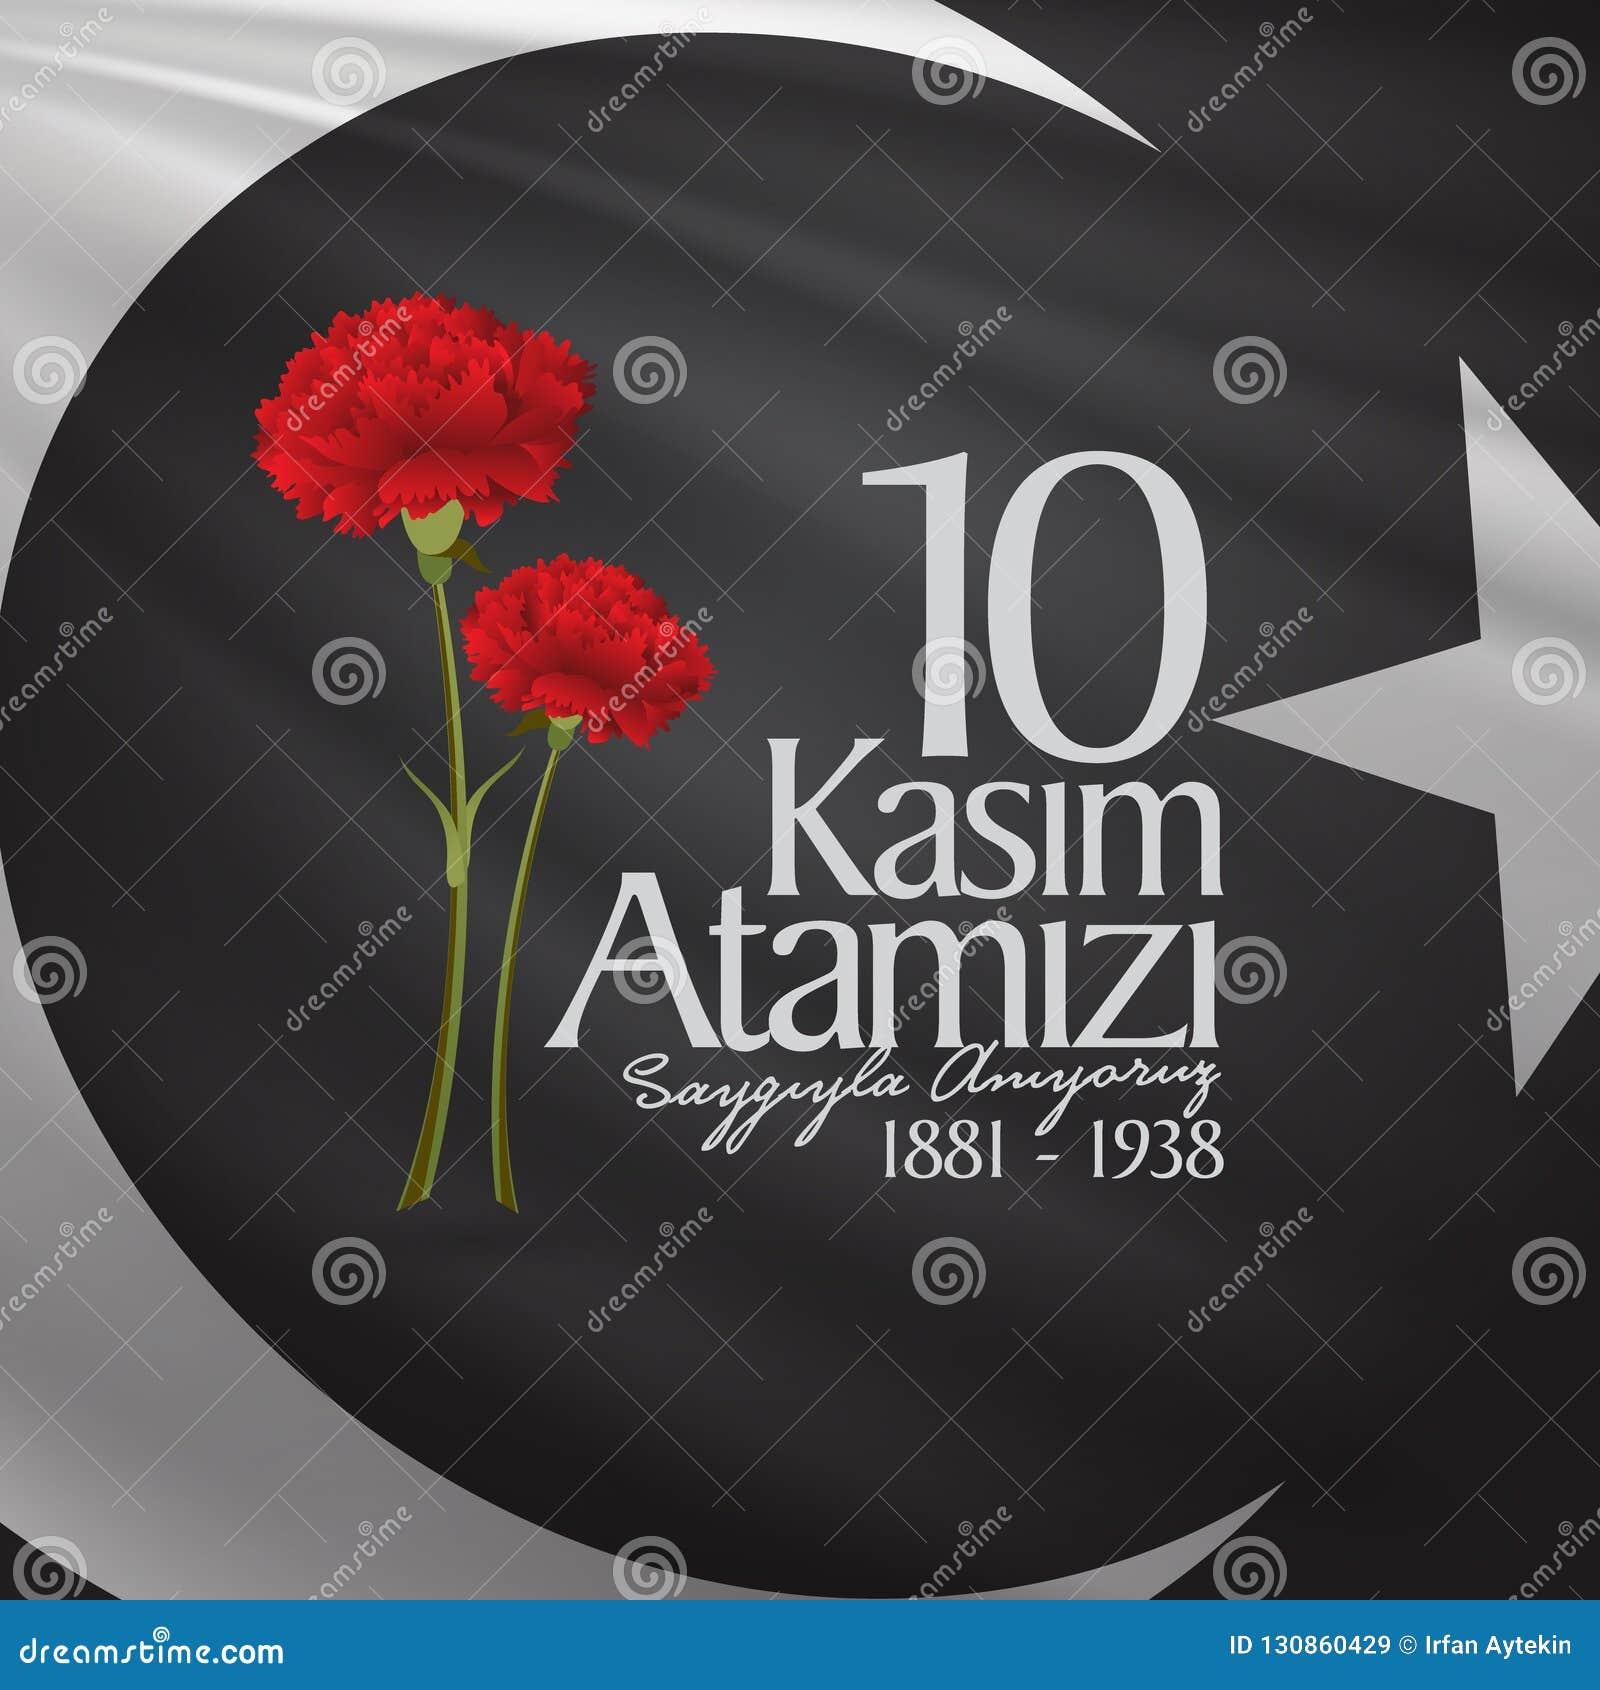 10 Listopad, Mustafa Kemal Ataturk dnia Śmiertelna rocznica Dzień pamięci Ataturk Billboarda projekt